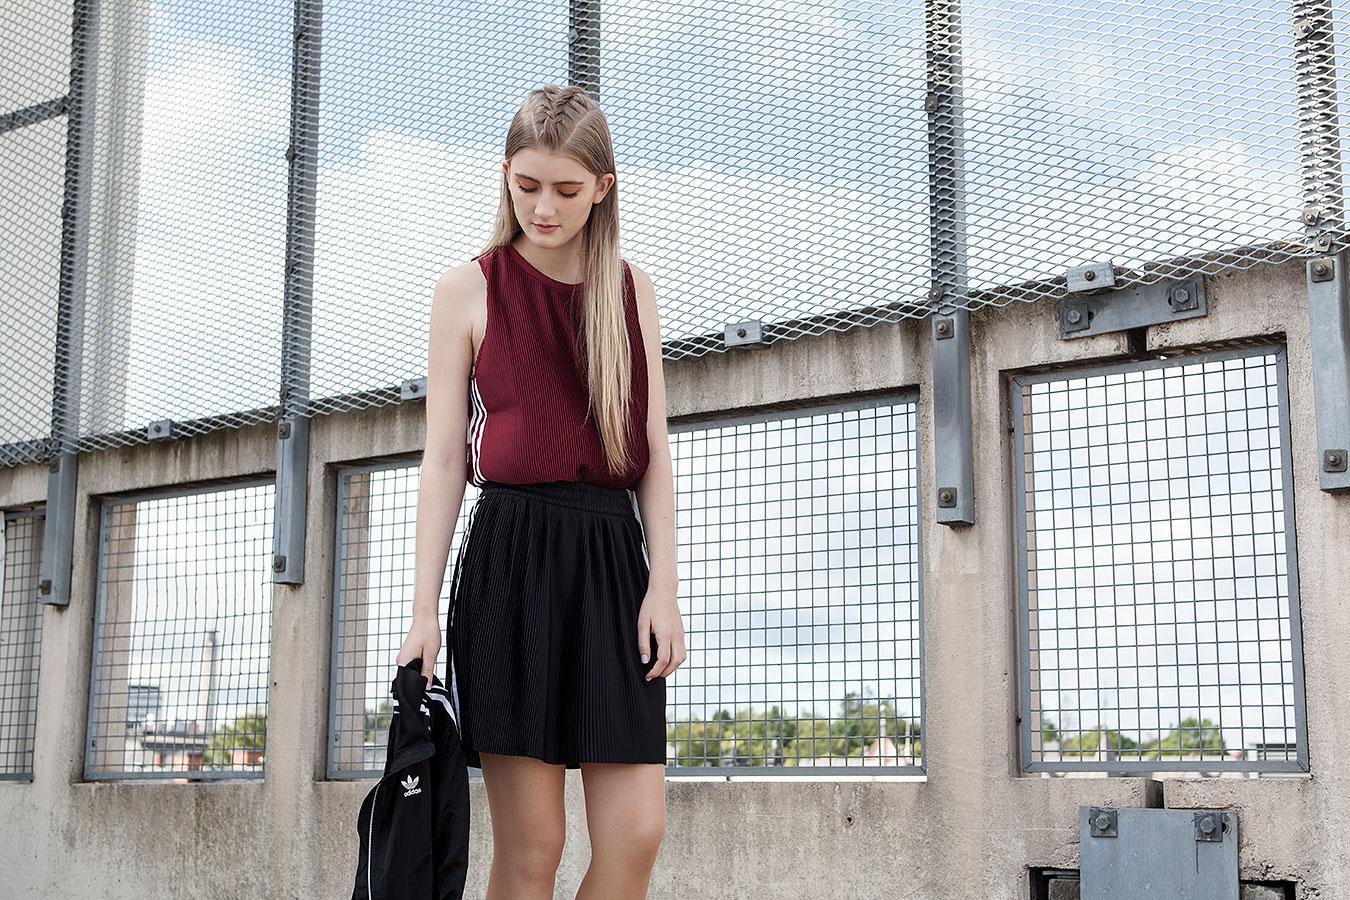 Av fotograf i Linköping - Modefotografering i Linköping av fotograf Engström, modefotograf Linköping, Norrköping, Östergötland